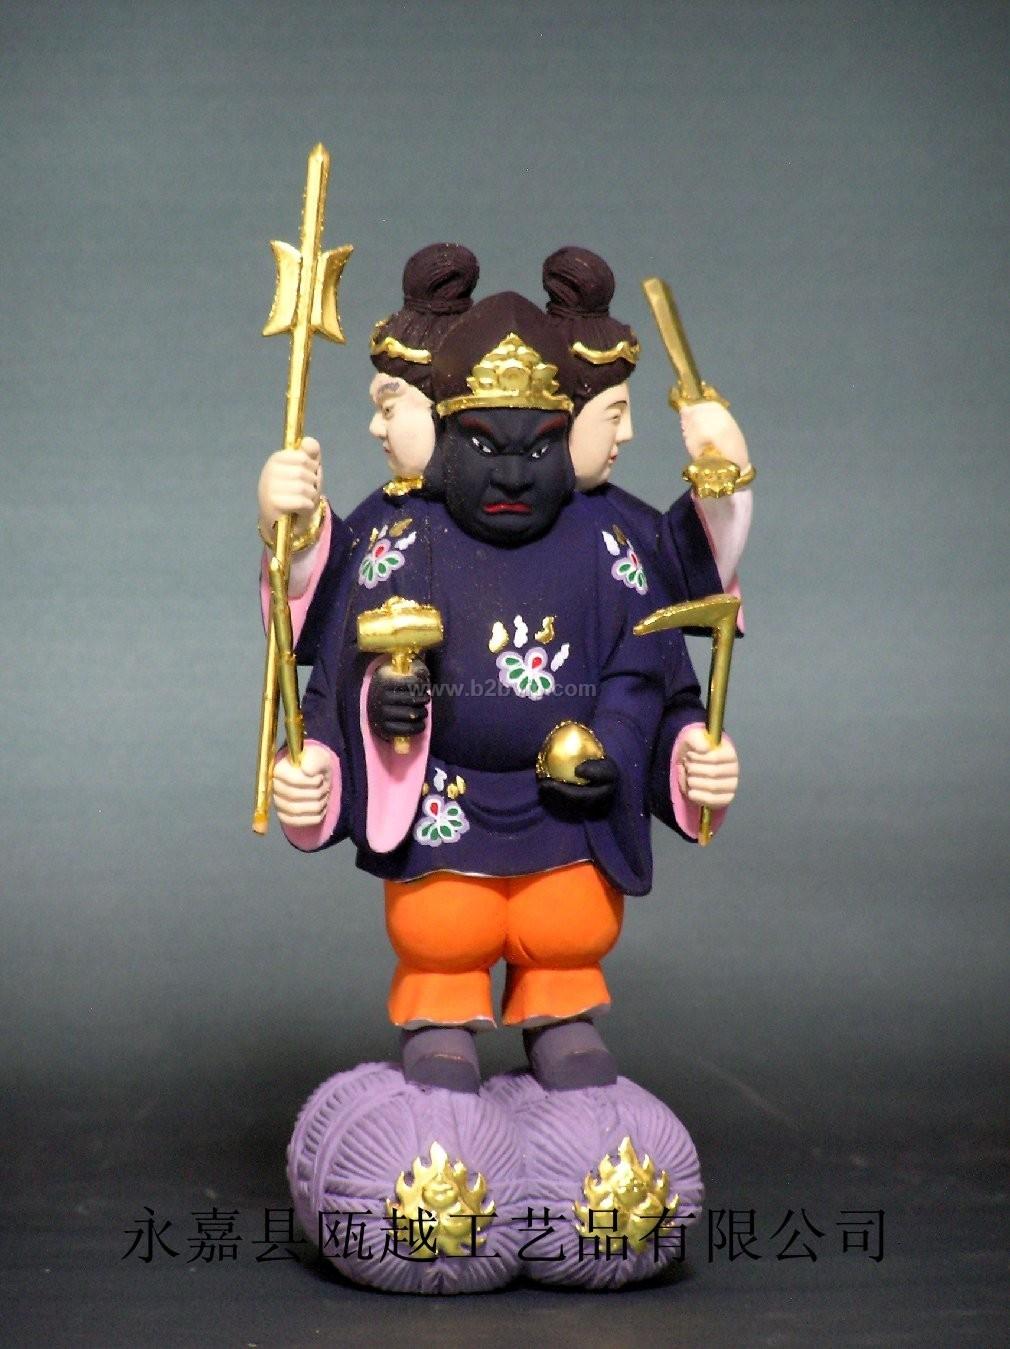 大黑天是梵语玛哈嘎拉的意译,又译为救怙主,藏语称贡保。他原是古印度的战神,进入佛教后,颇受密教崇奉。藏密说他是观世音菩萨化现的大护法。东密说他是大日如来降伏恶魔所现的愤怒药叉形象,位居诸大护法神之首。在藏密中,他既是护法神,同时也是密宗修法所依止的重要本尊。据说他的修法《大黑天神秘密成就次第》十分秘密,不是入室弟子不得传与。